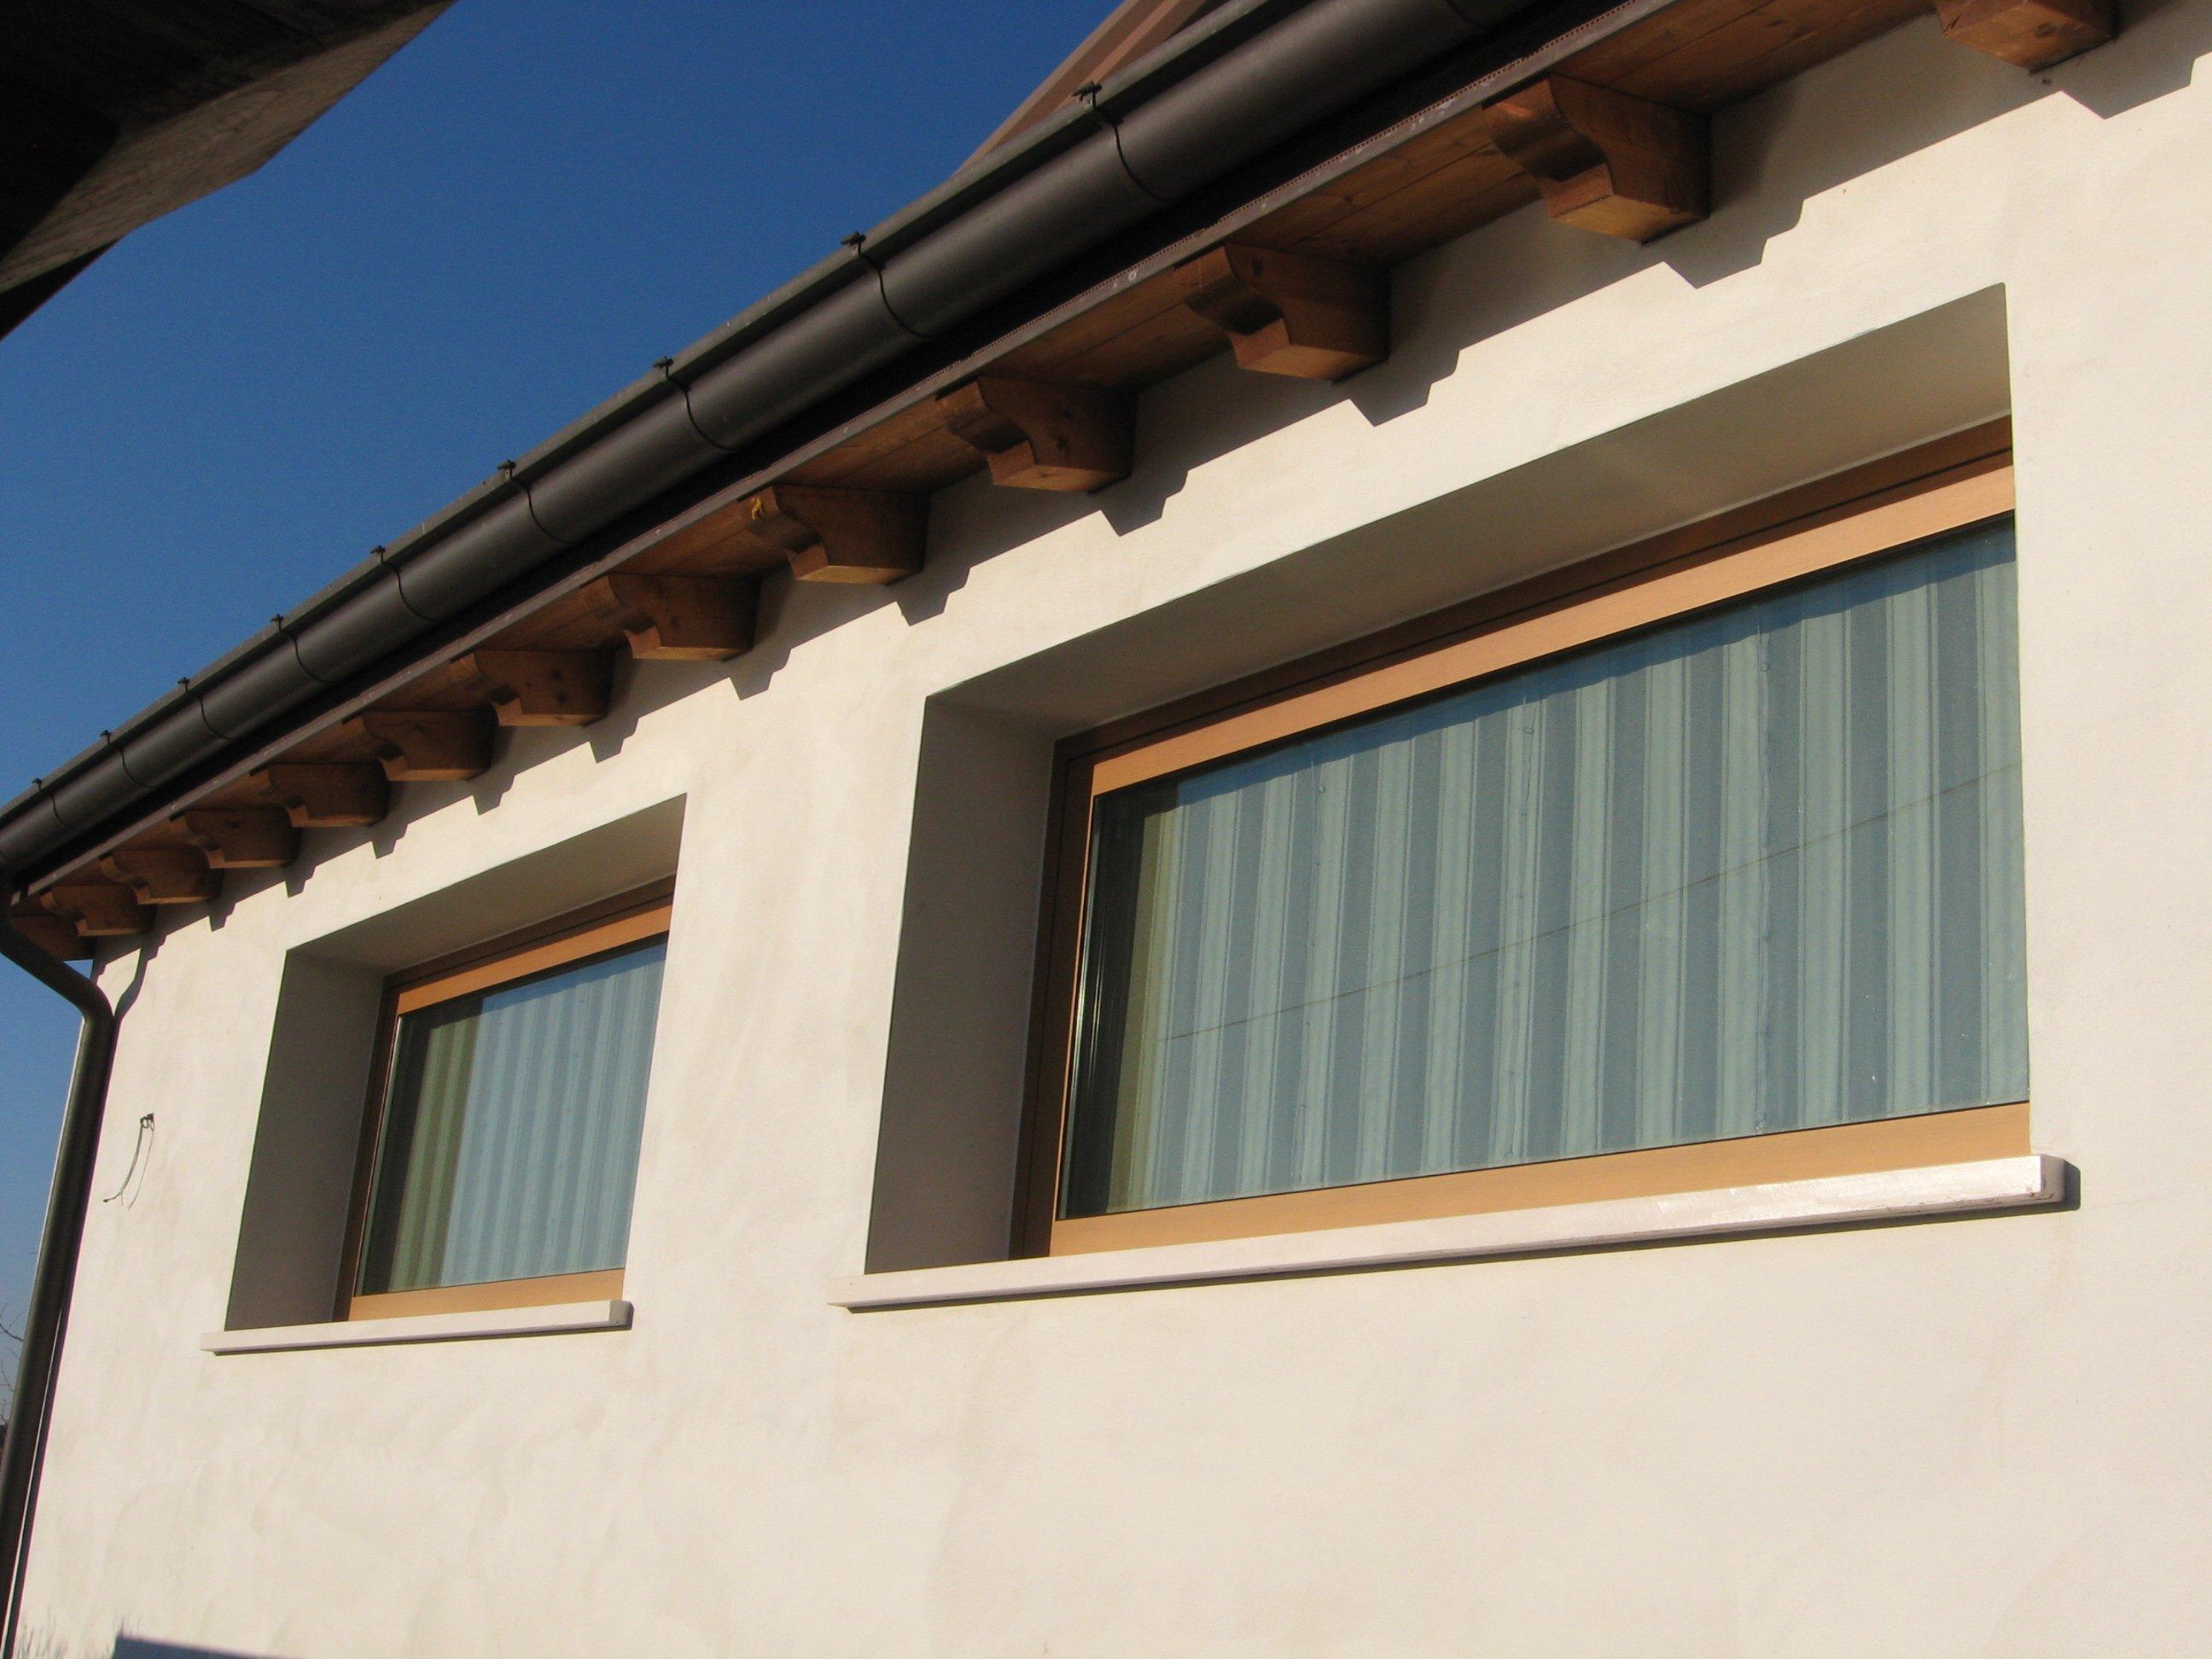 finestre forma rettangolare